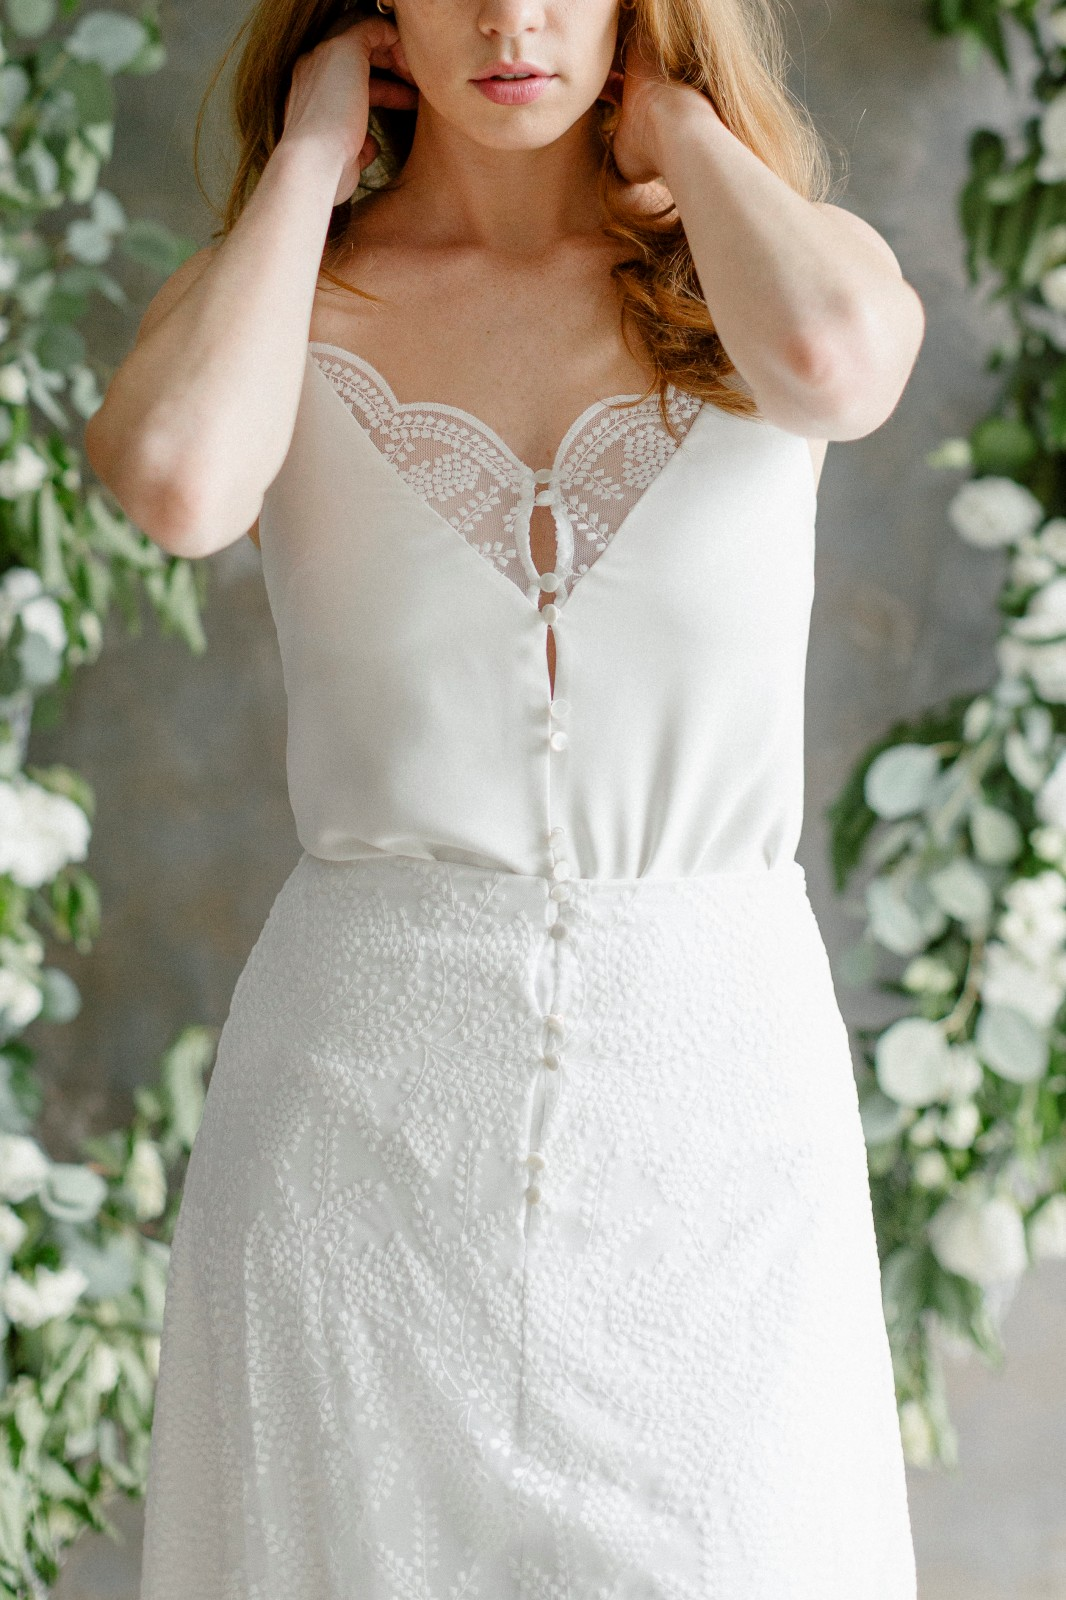 Une belle façon de reporter sa robe avec un jean's après le mariage.